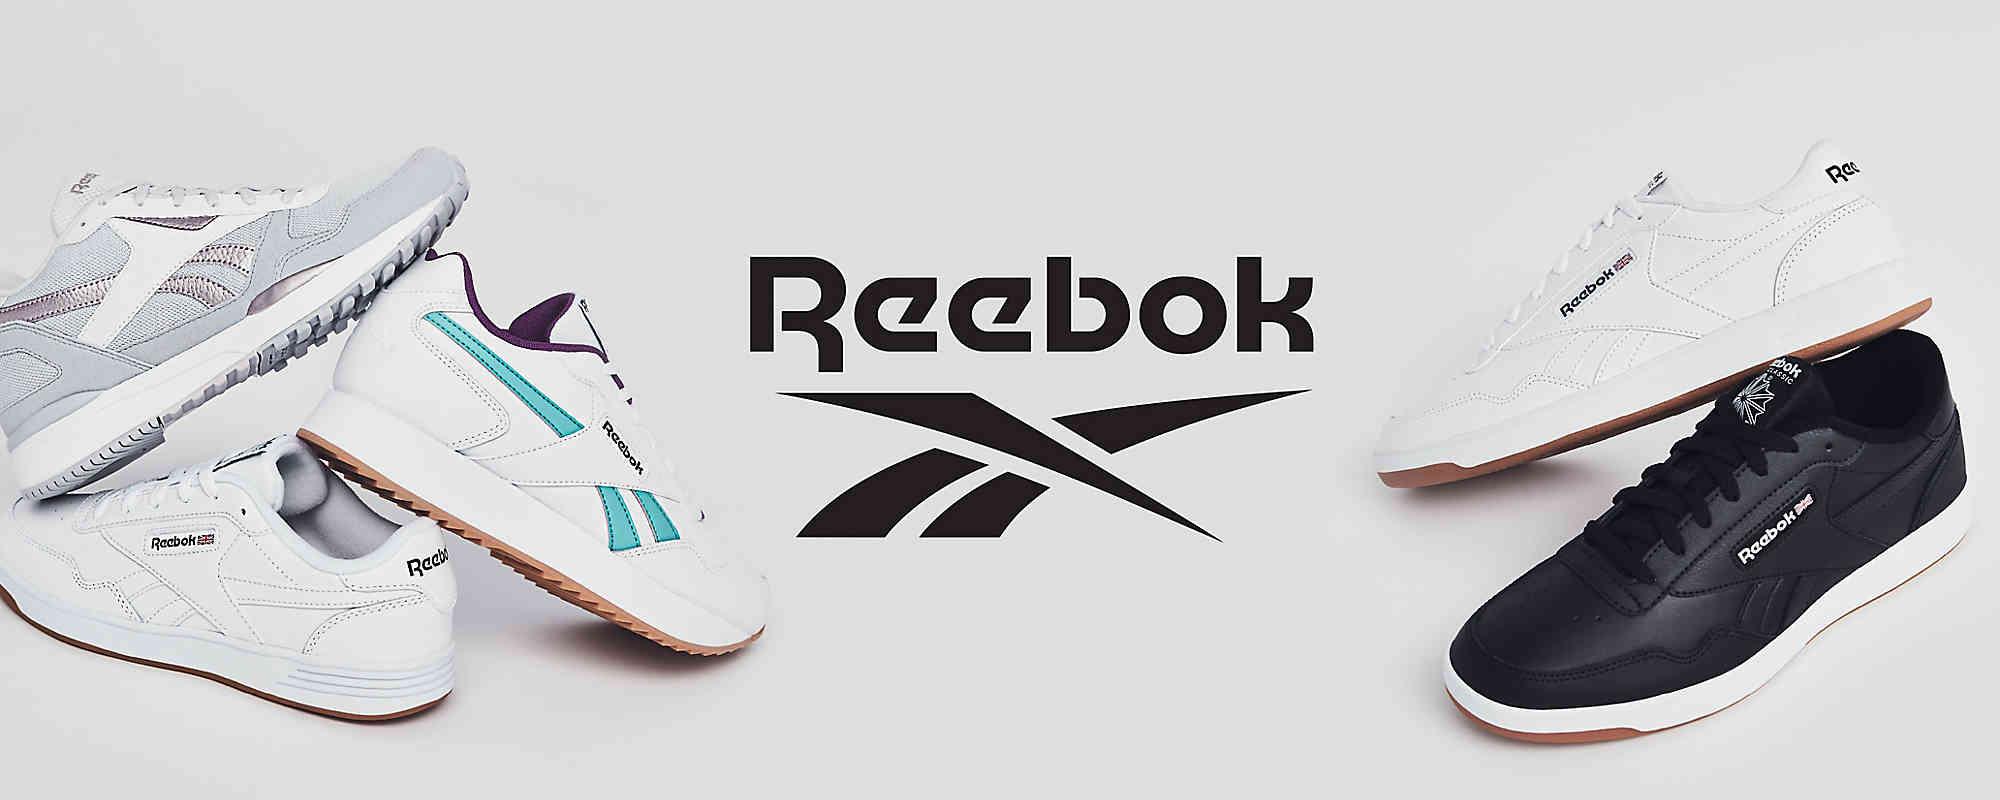 Reebok Realflex Branding by Archit Kumar on Dribbble